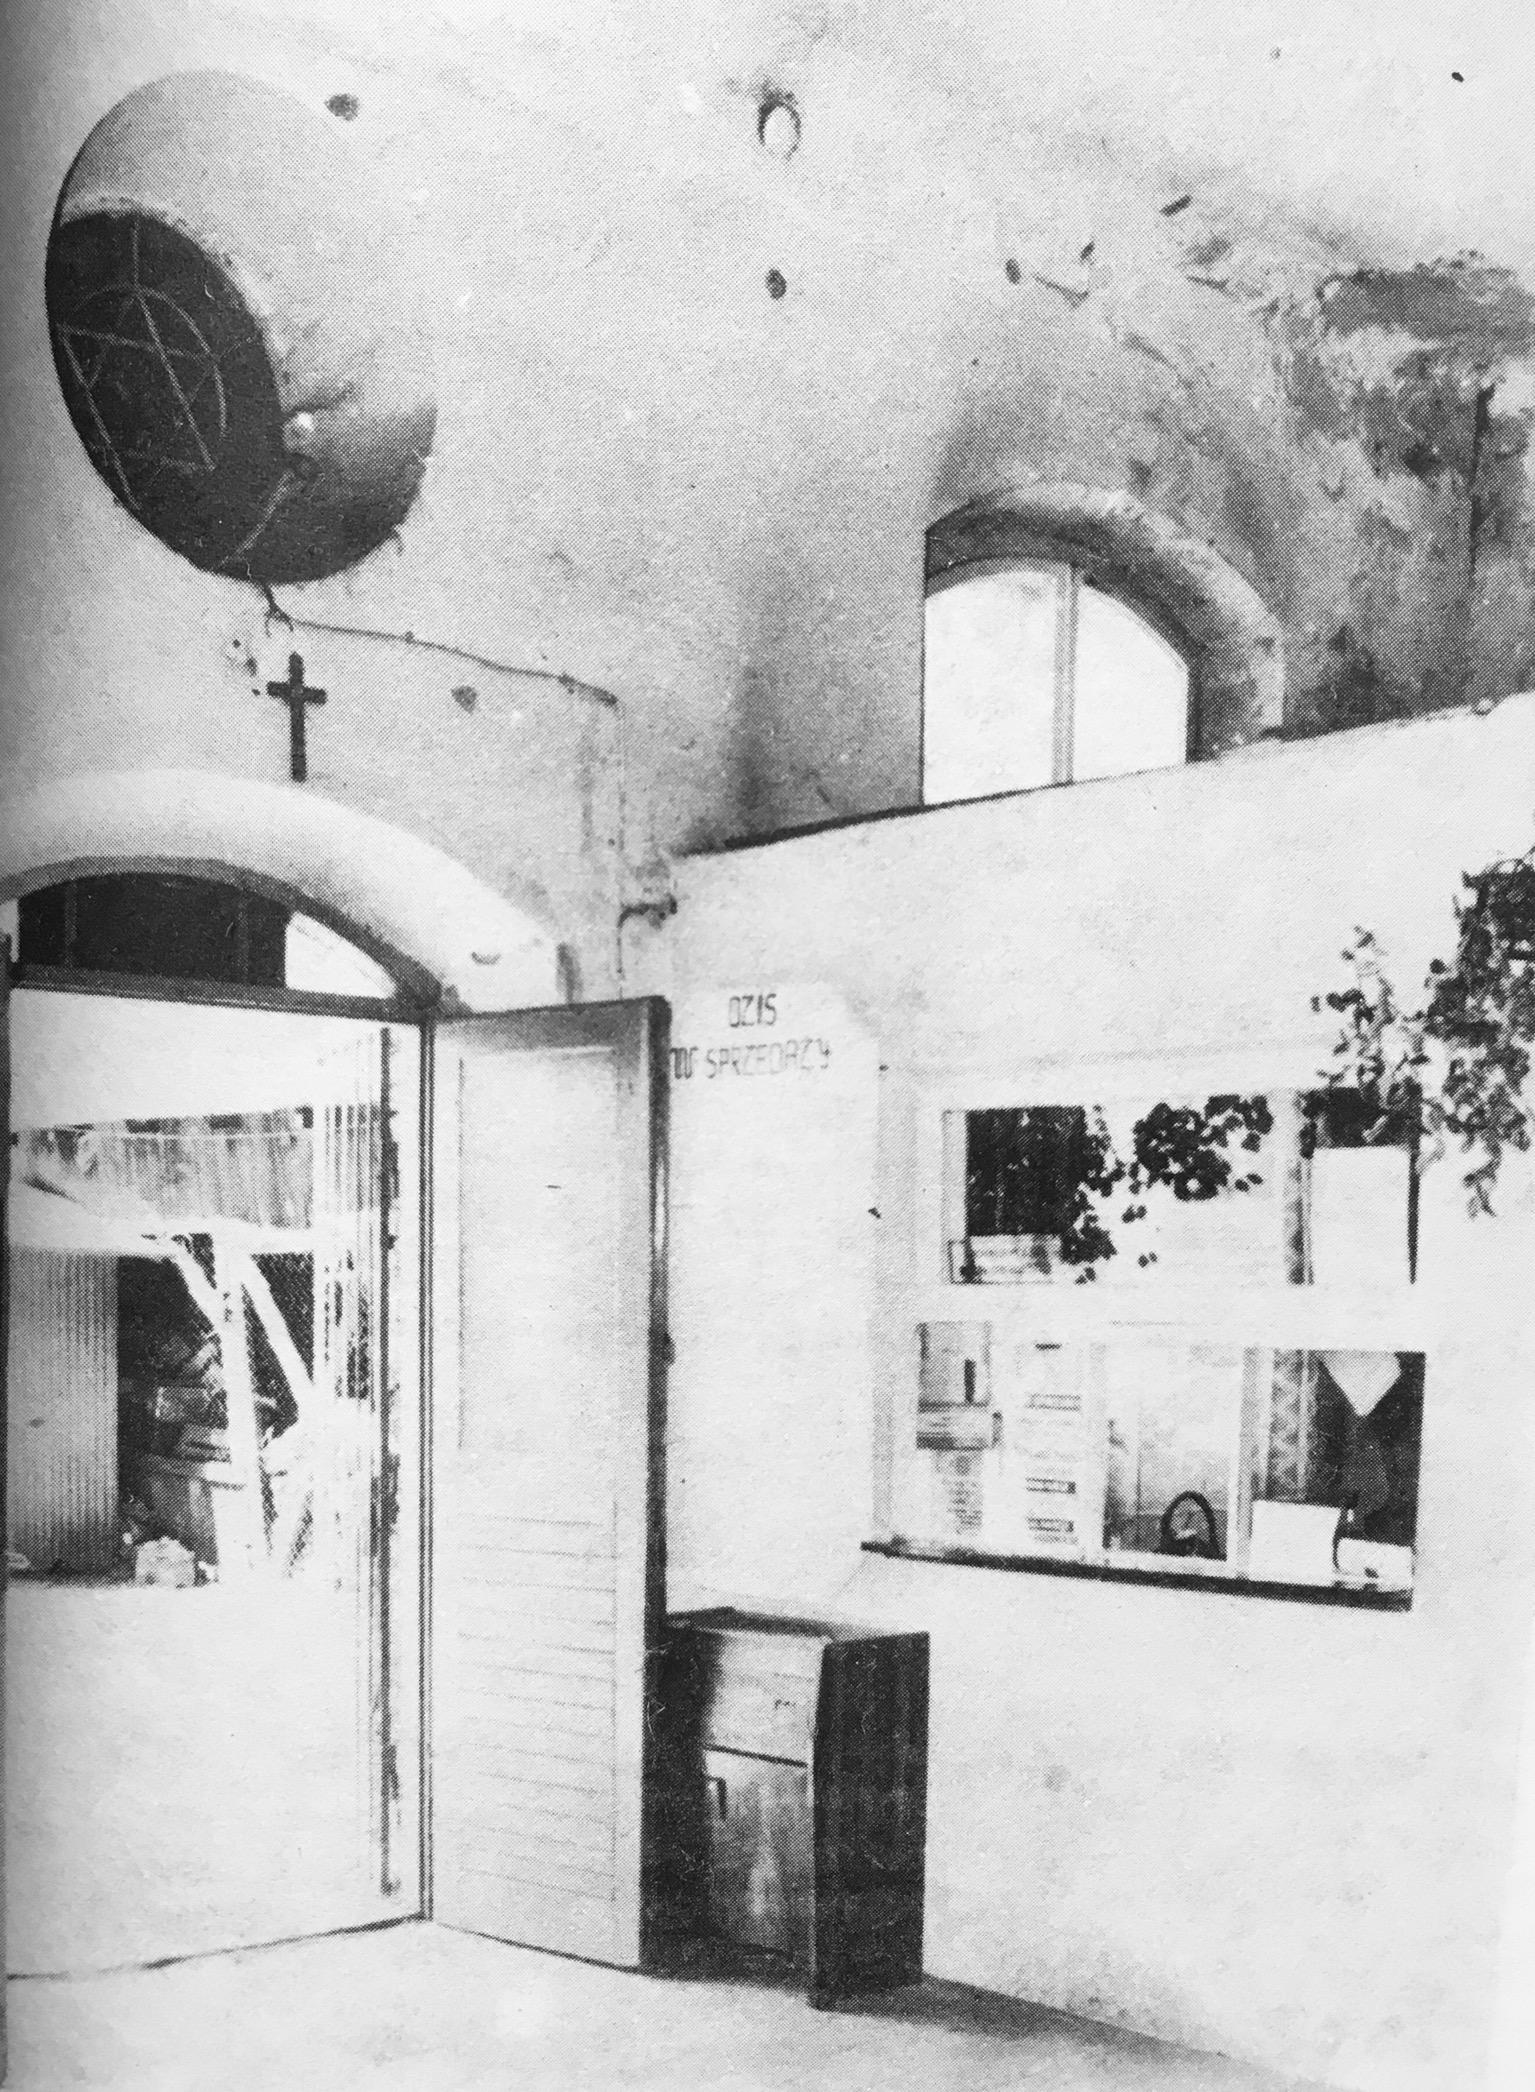 Dawny dom modlitwy w Górze Kalwarii zmieniony na sklep meblowy - stan na 1985 r. (fot. A. Juszczak)